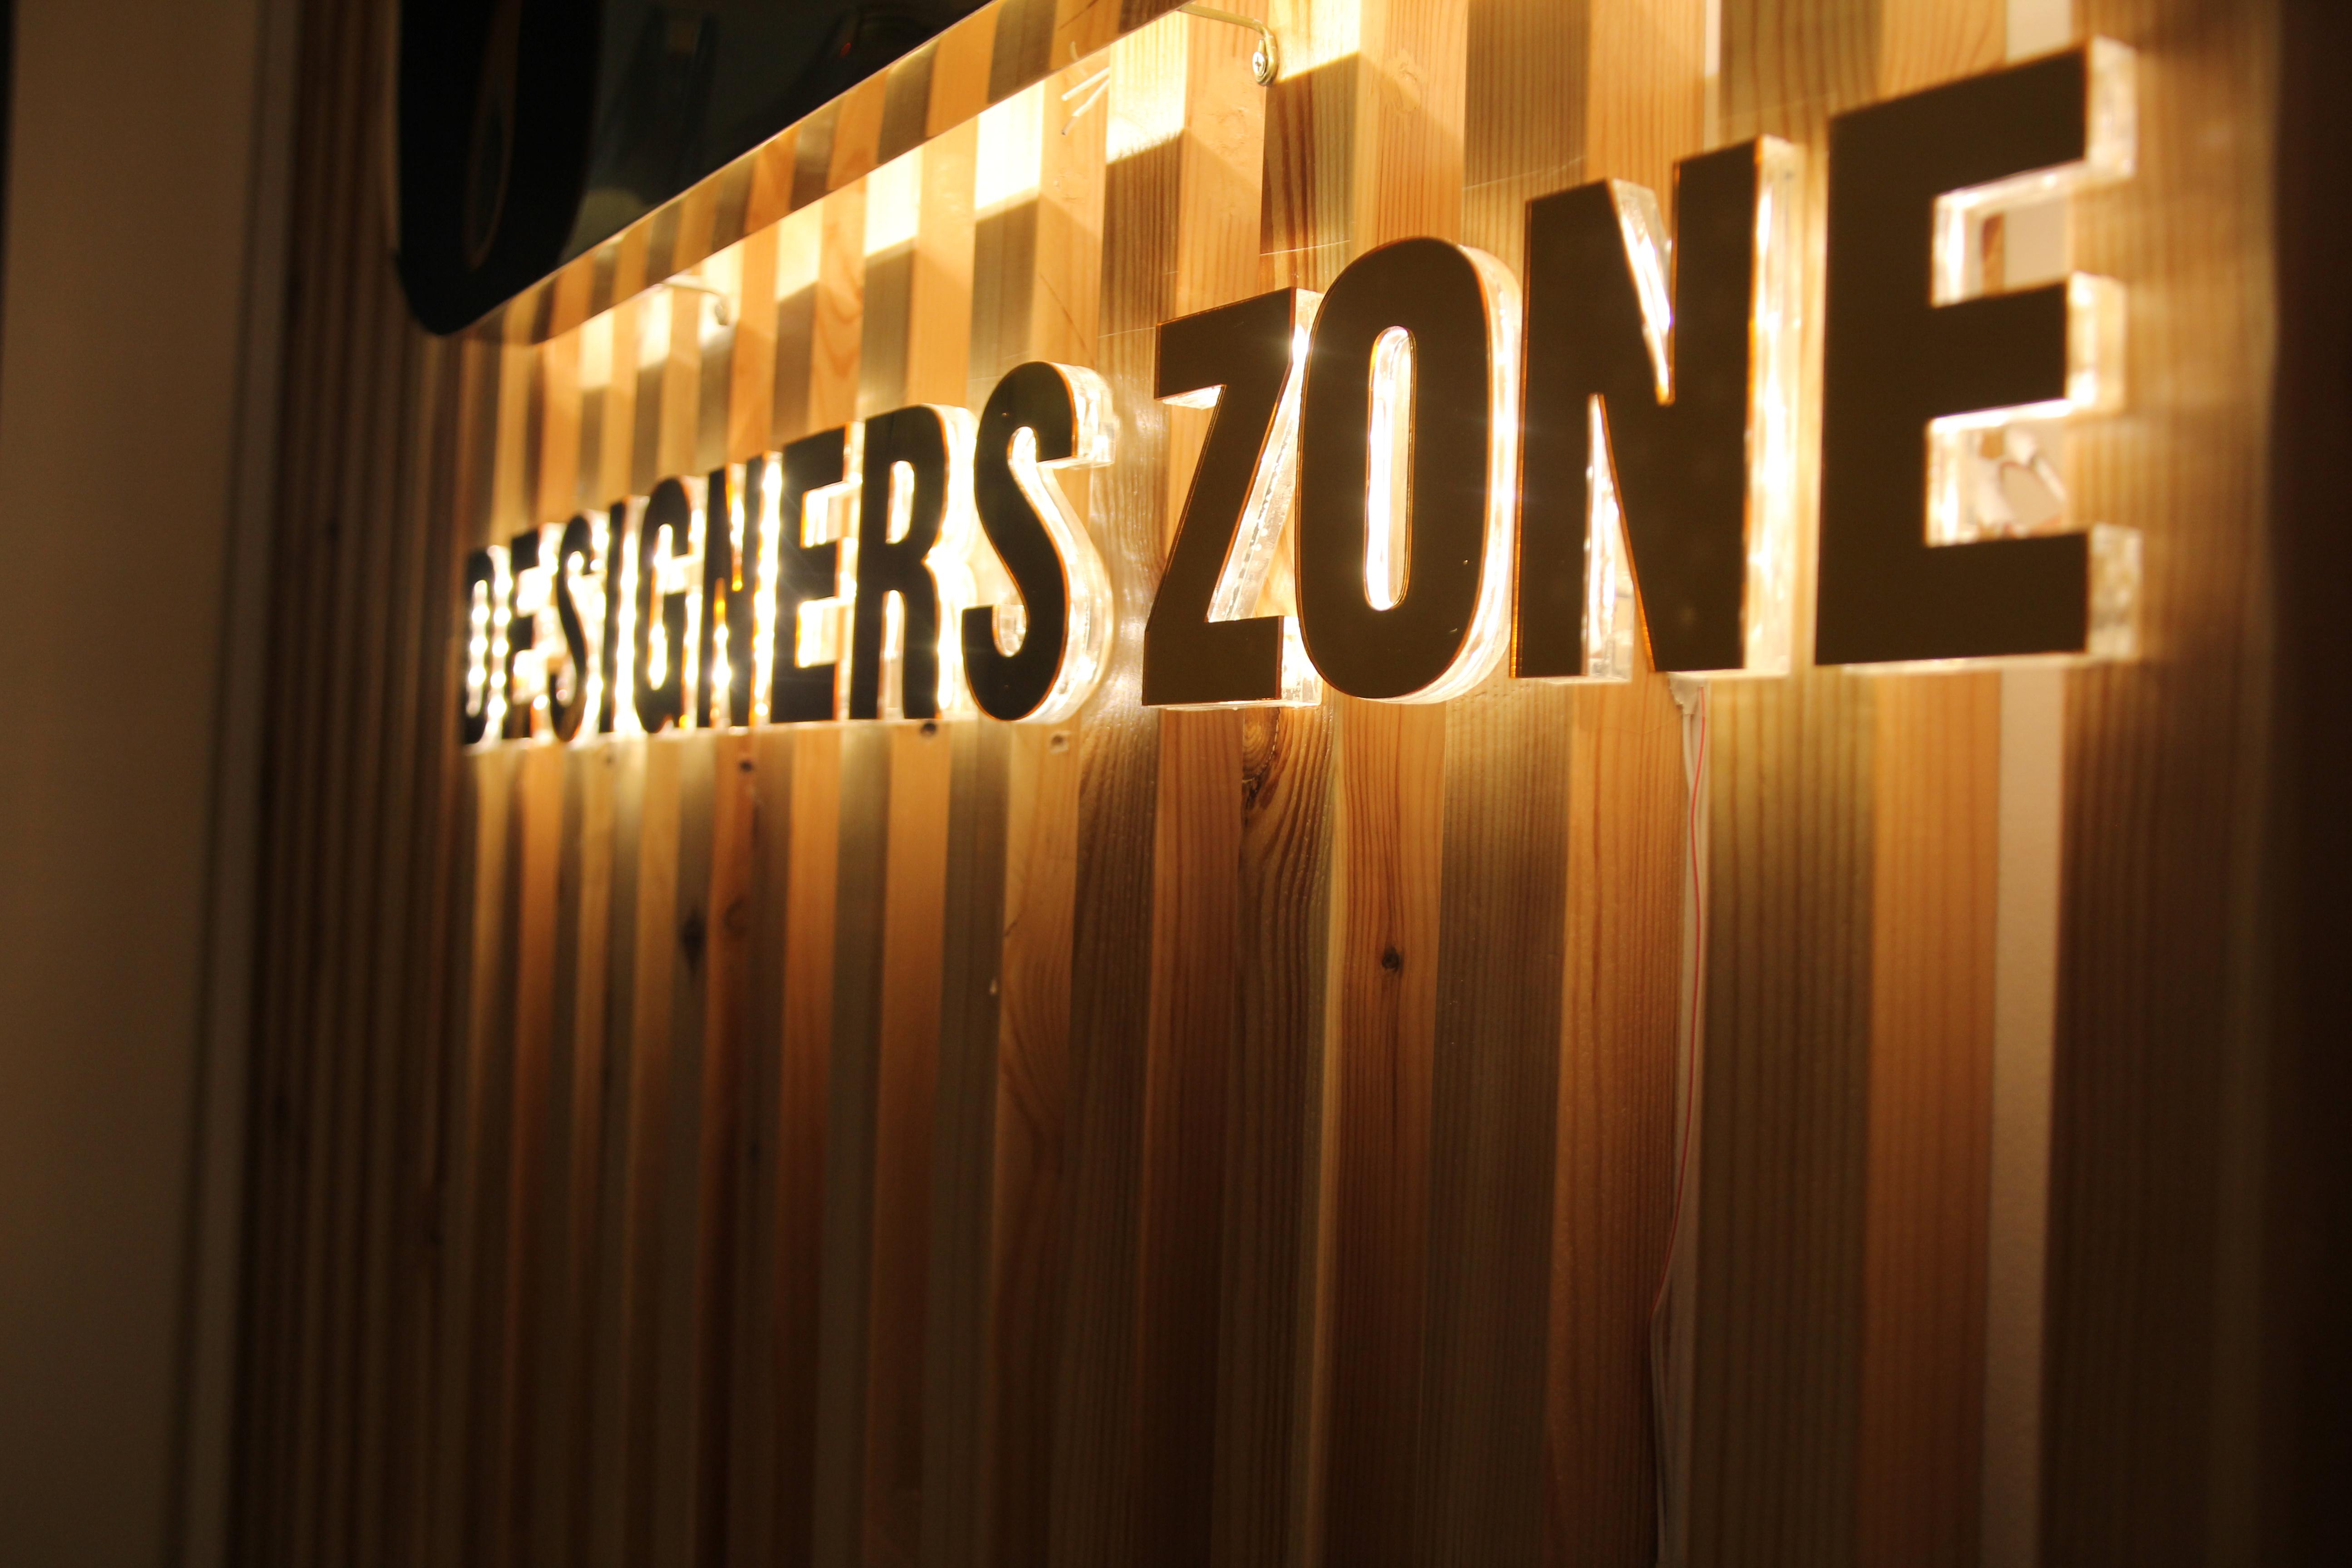 Designers Zone